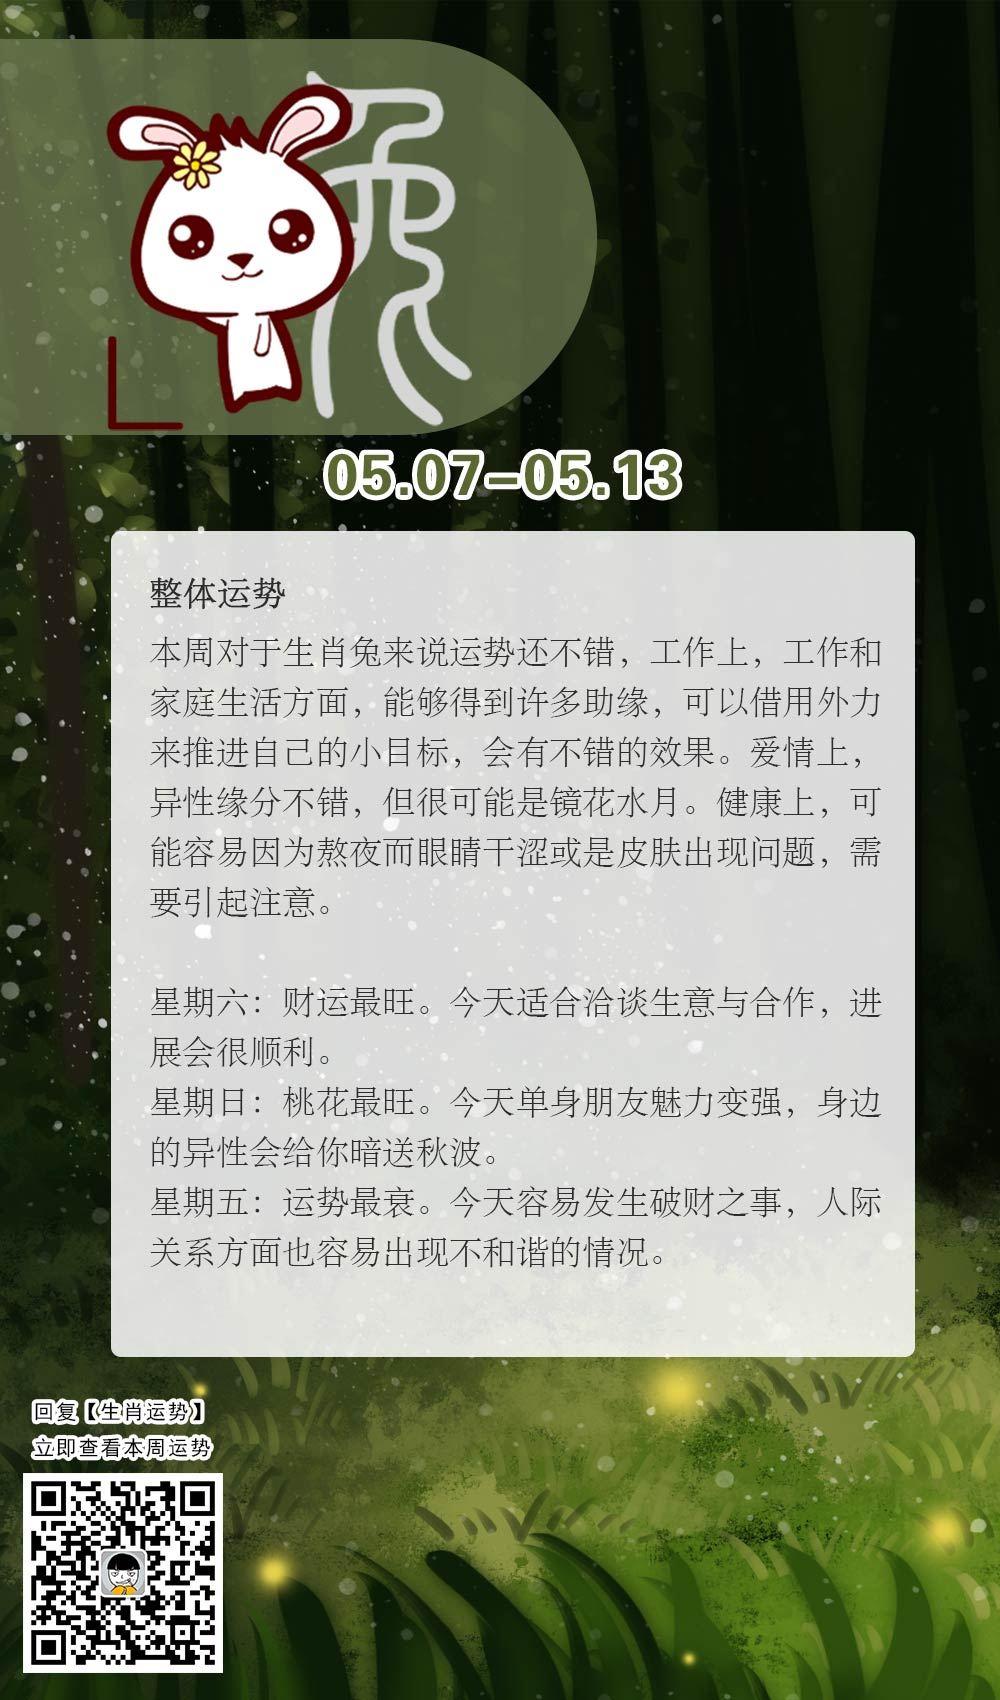 生肖兔本周运势【2018.05.07-05.13】